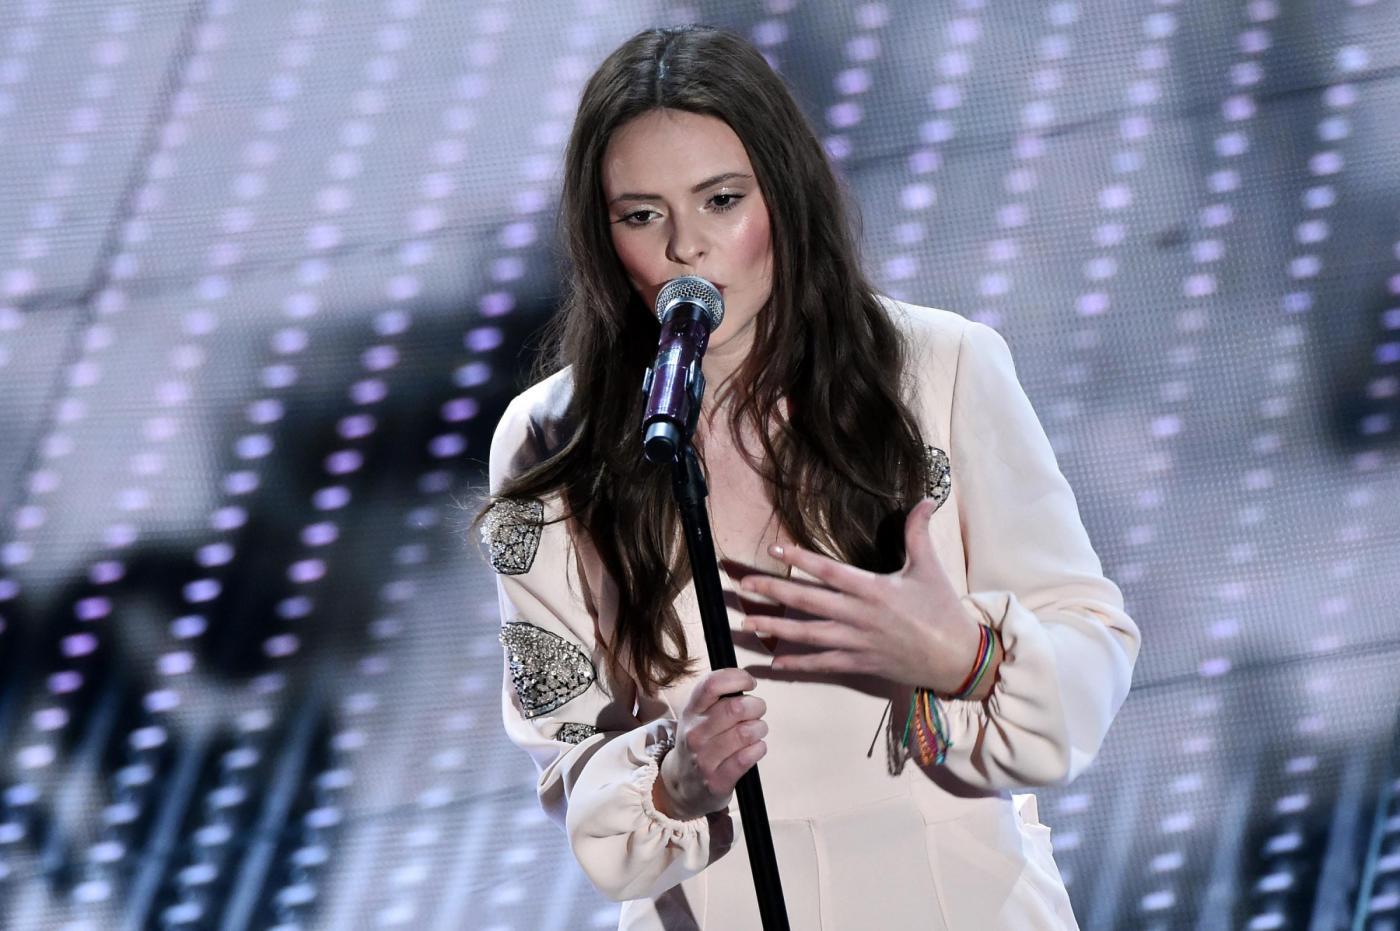 L'esibizione di Francesca Michielin all'Eurovision Song Contest 2016